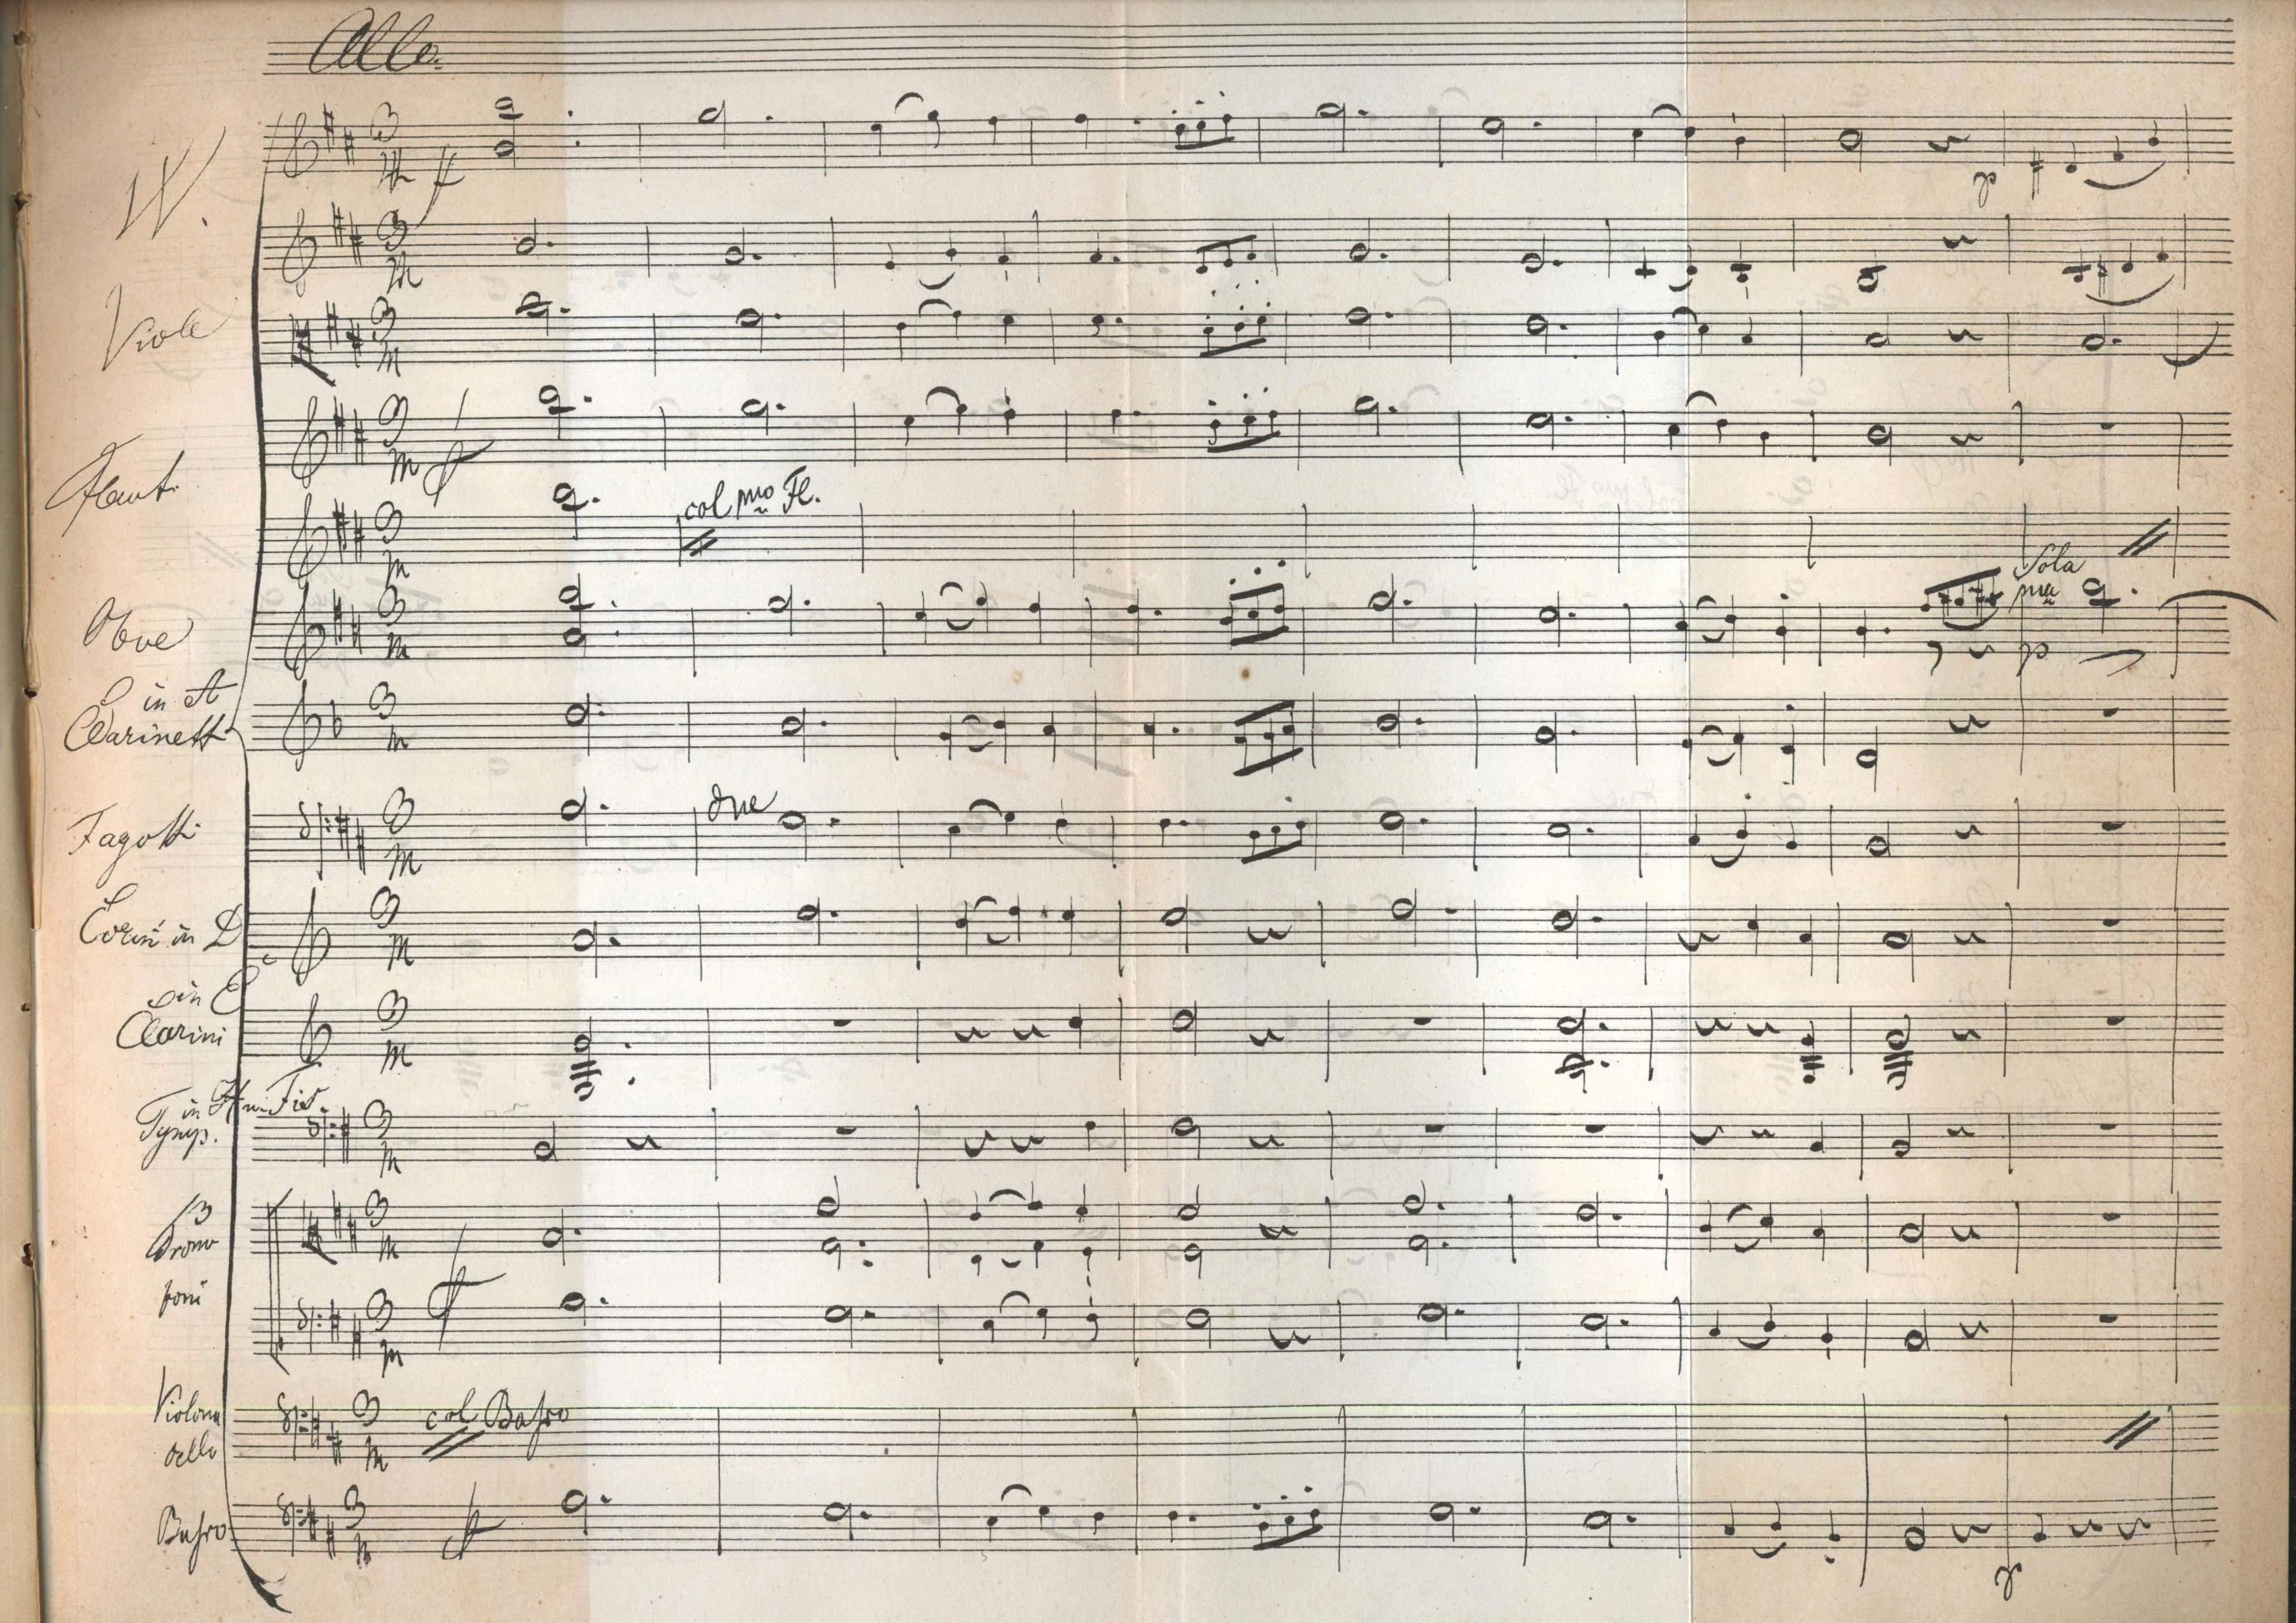 Schuberts Entwurf zu einem dritten Satz der Sinfonie h-Moll